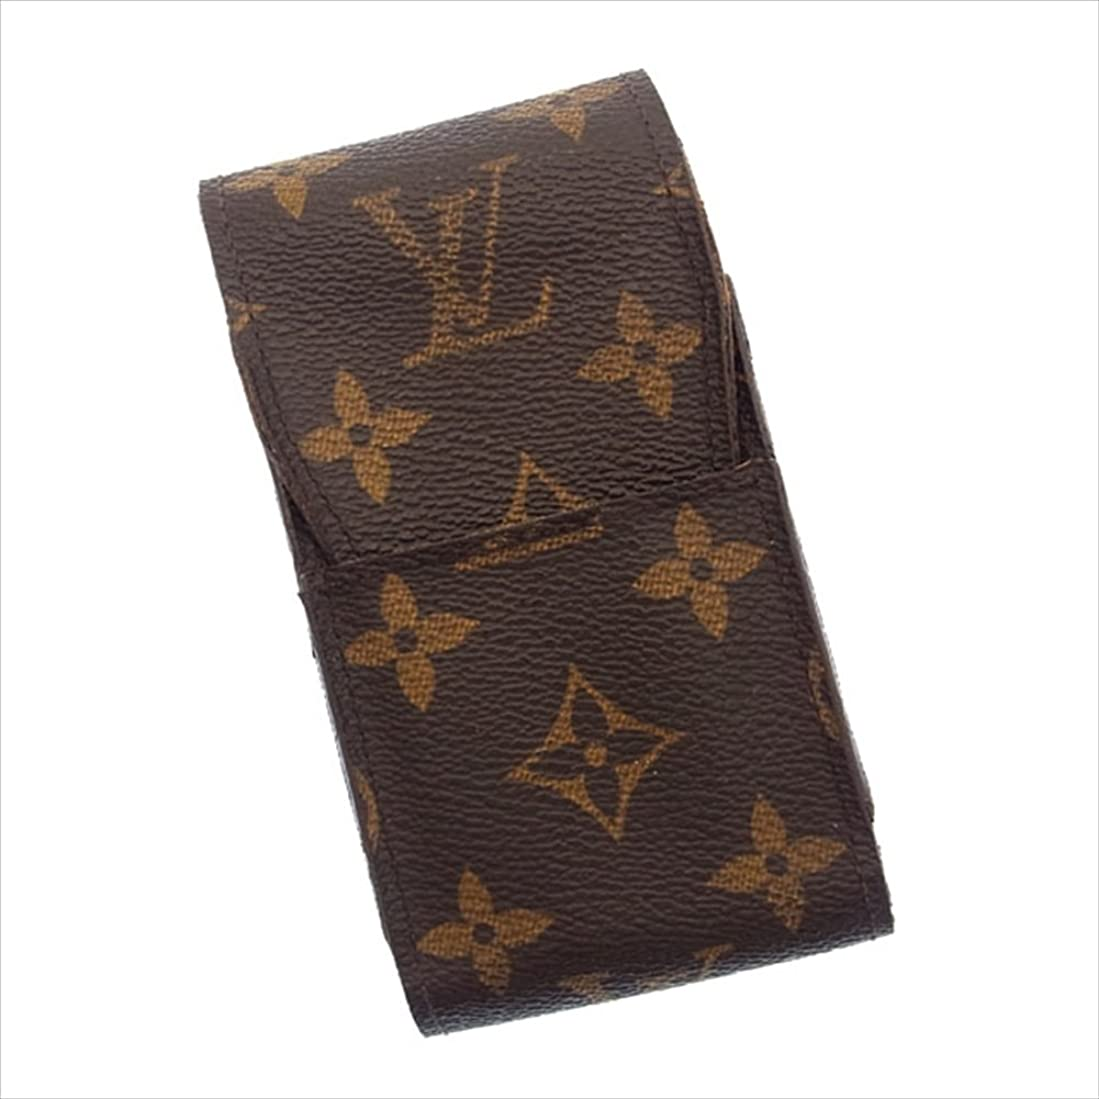 完璧なのれん変化(ルイヴィトン) Louis Vuitton シガレットケース タバコケース ブラウン エテュイシガレット モノグラム レディース 中古 D631